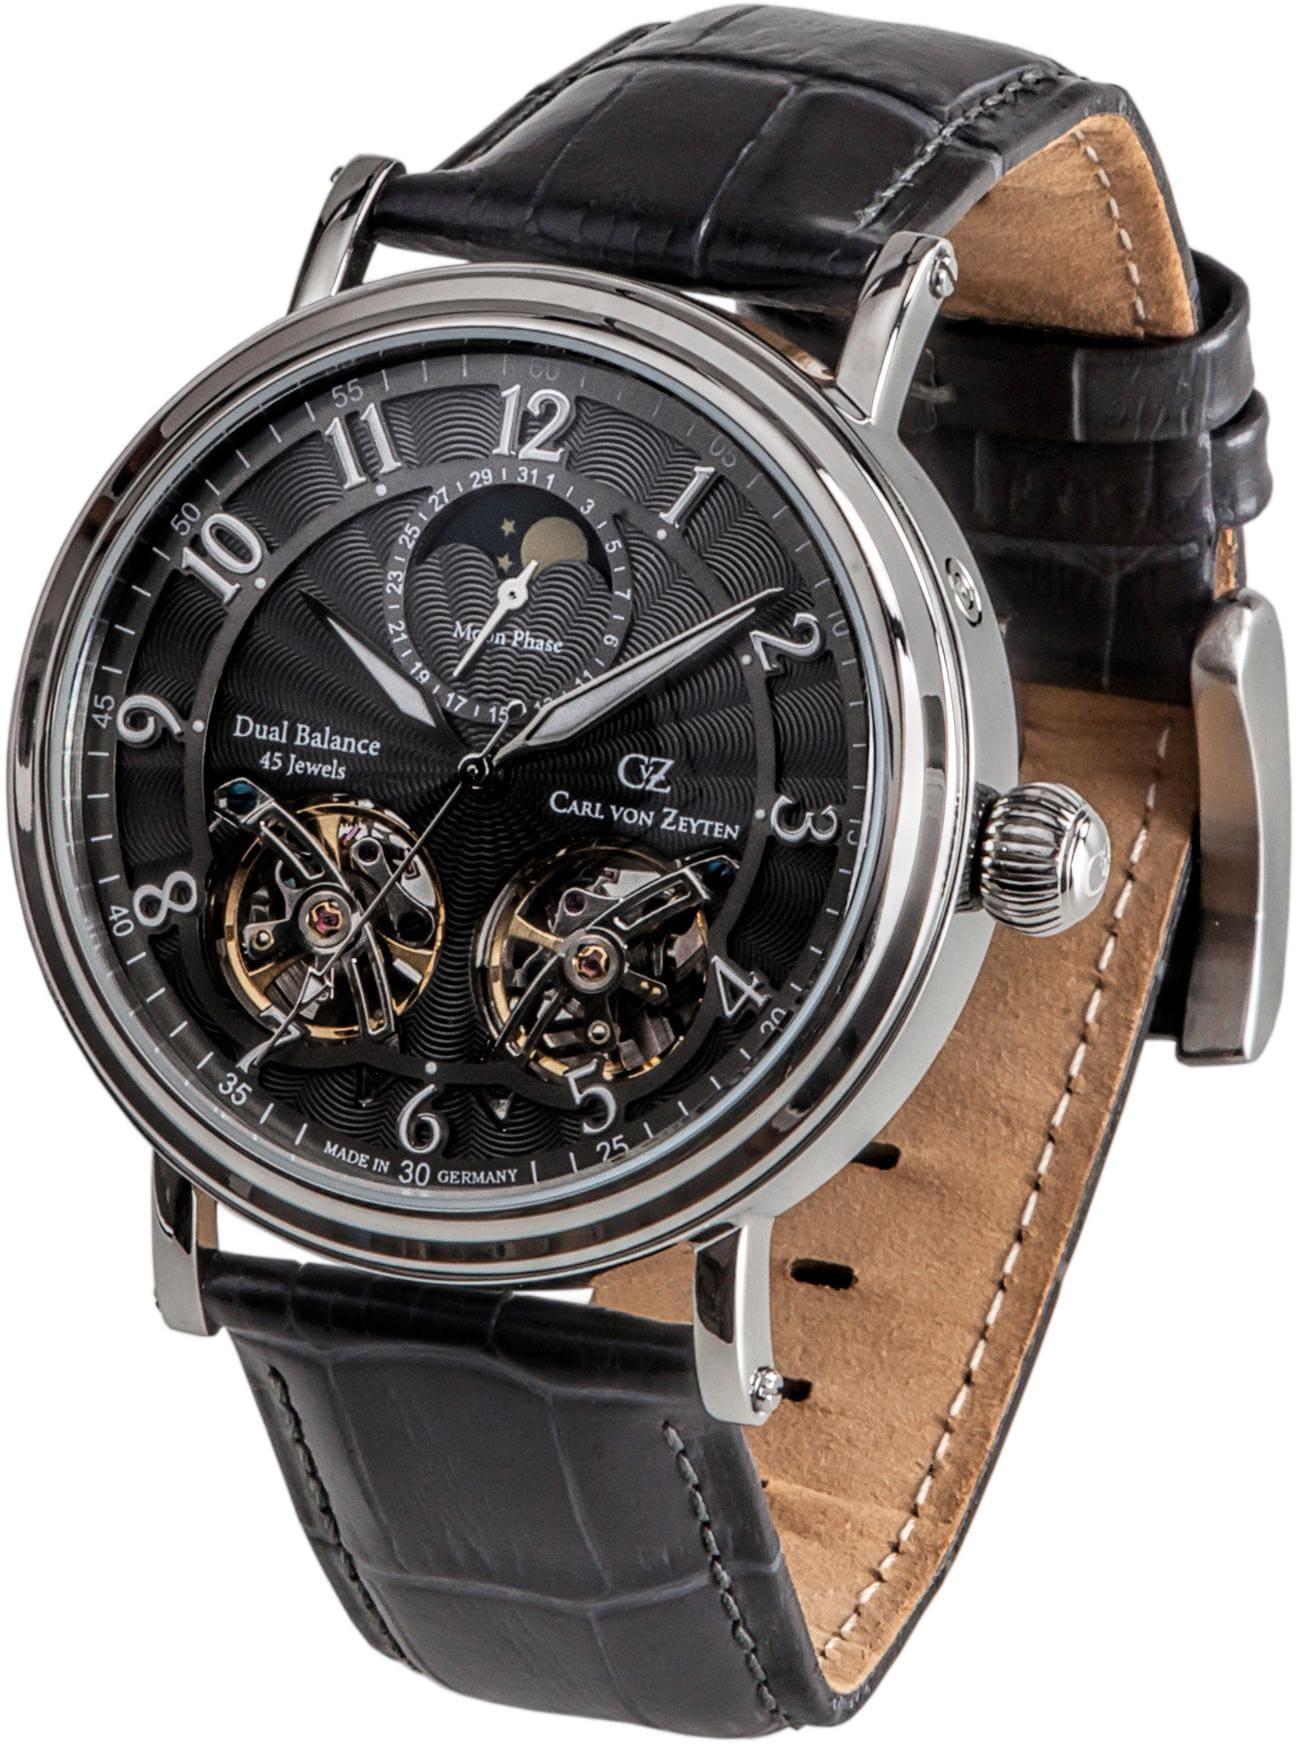 Carl von Zeyten Automatikuhr Murg CVZ0054GY | Uhren > Automatikuhren | Carl Von Zeyten